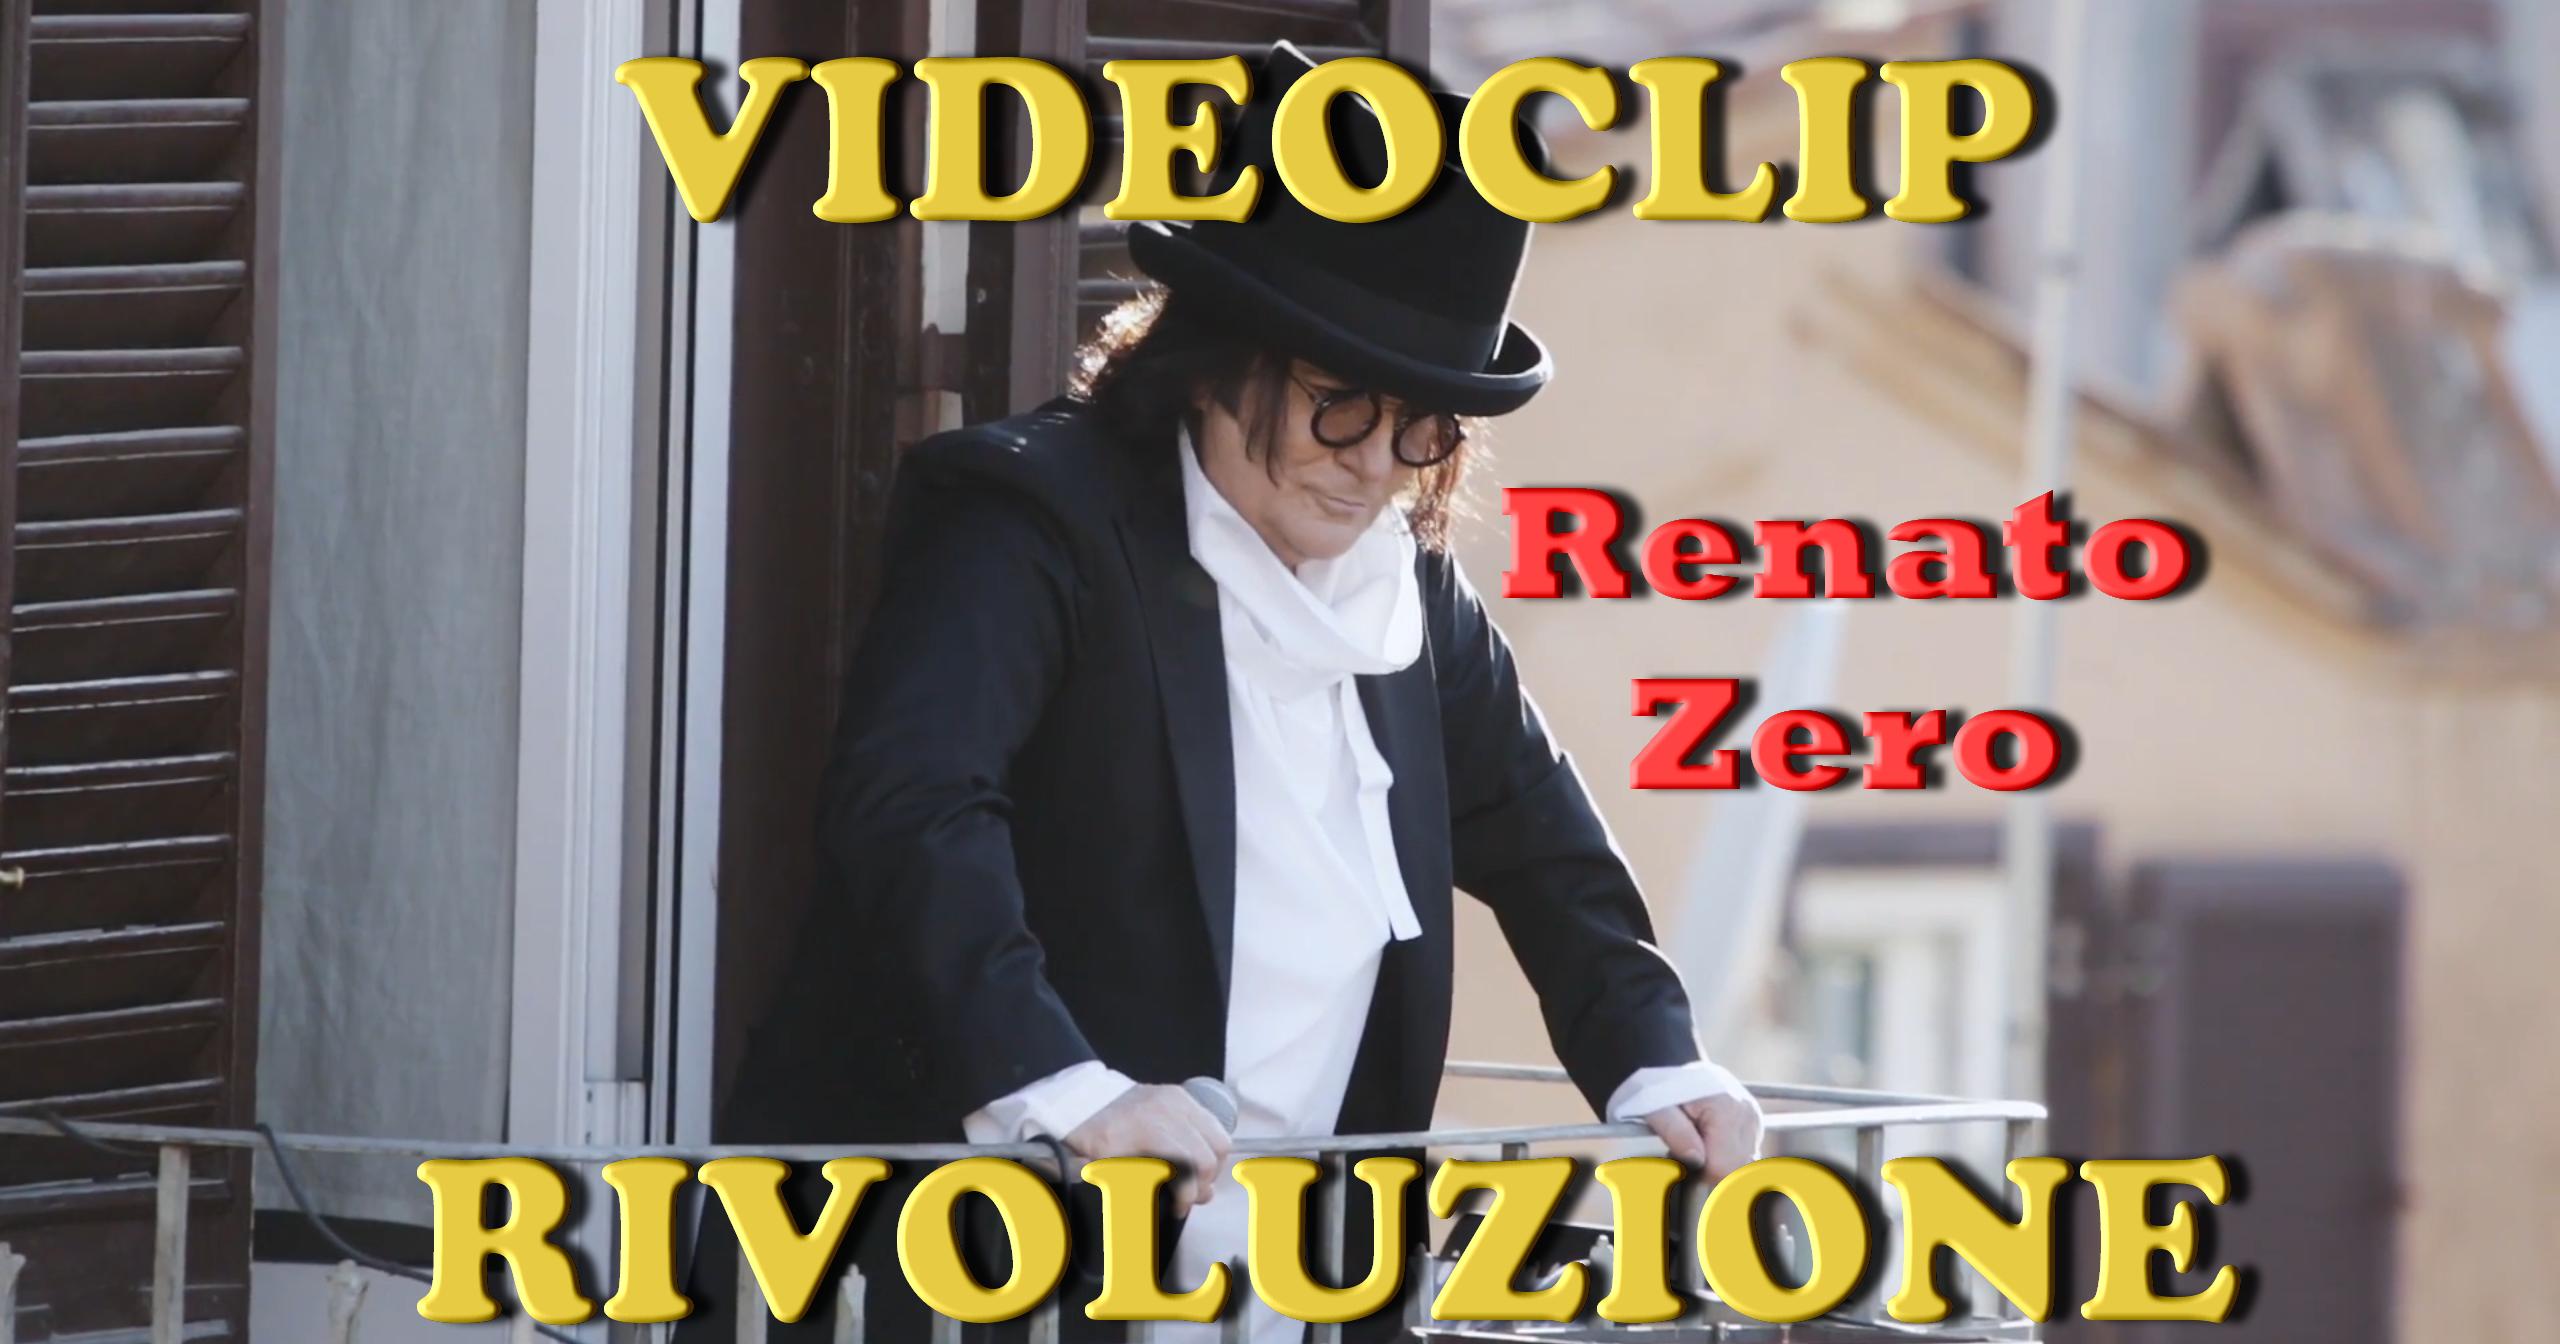 """Aquattro mesi di distanza da """"Chiedi"""" e dopoi concerti veronesi del mese scorso, torna Renato Zero con un nuovo videoclip, quello di """"Rivoluzione"""", secondo singolo tratto dal suo album disco […]"""